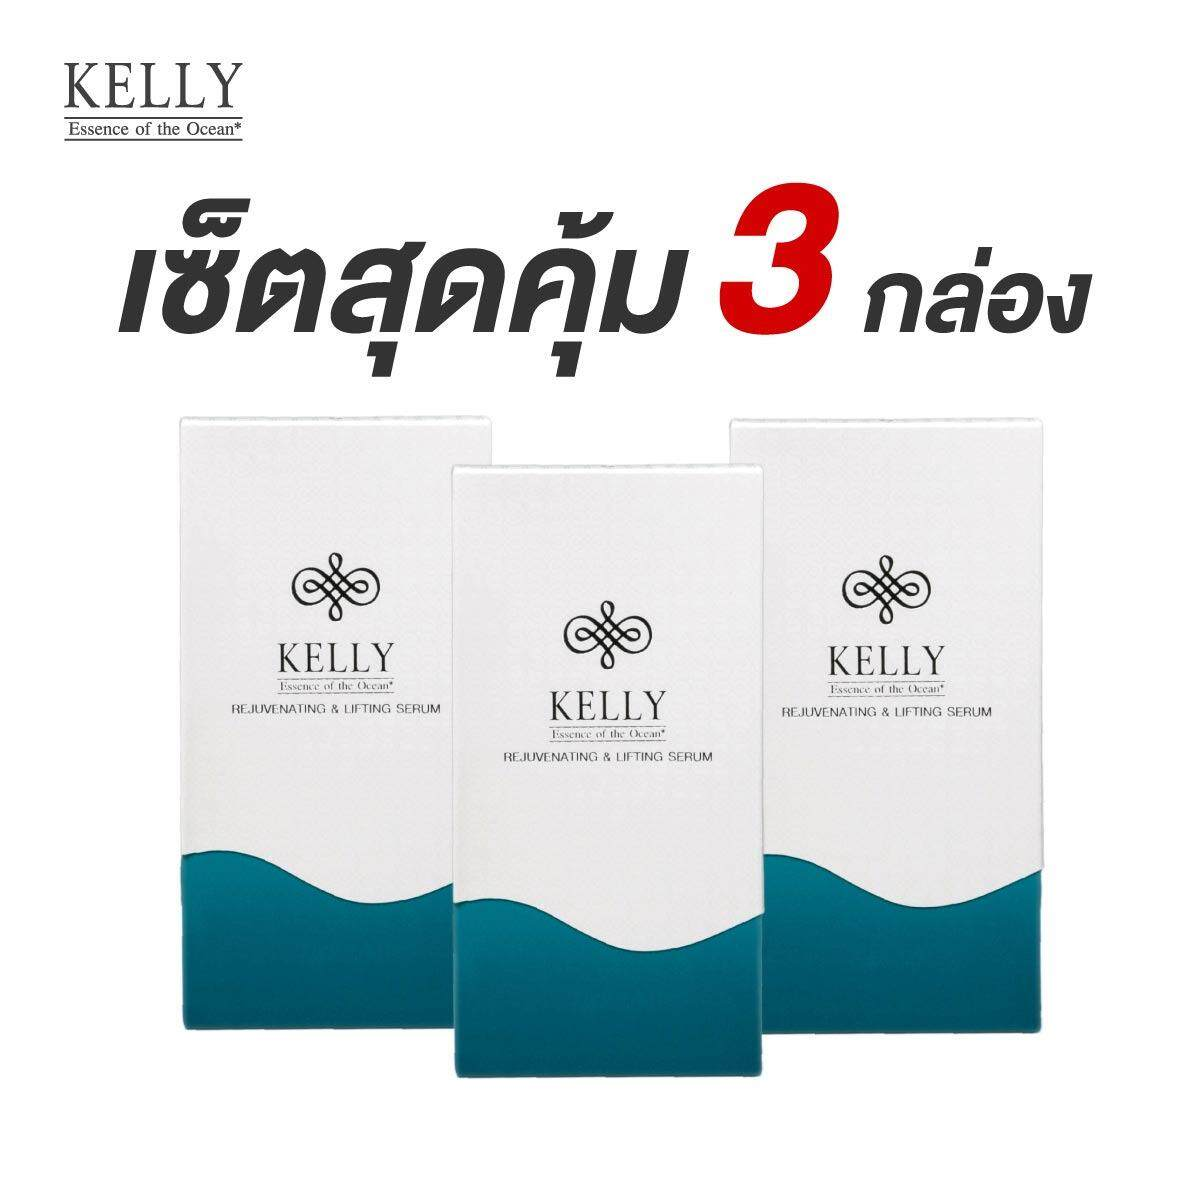 ซื้อ Kelly Serum เคลลี่ เซรัม เติมเต็มร่องลึก ลดเรือนริ้วรอย เซ็ตสุดคุ้ม 3 กล่อง กรุงเทพมหานคร